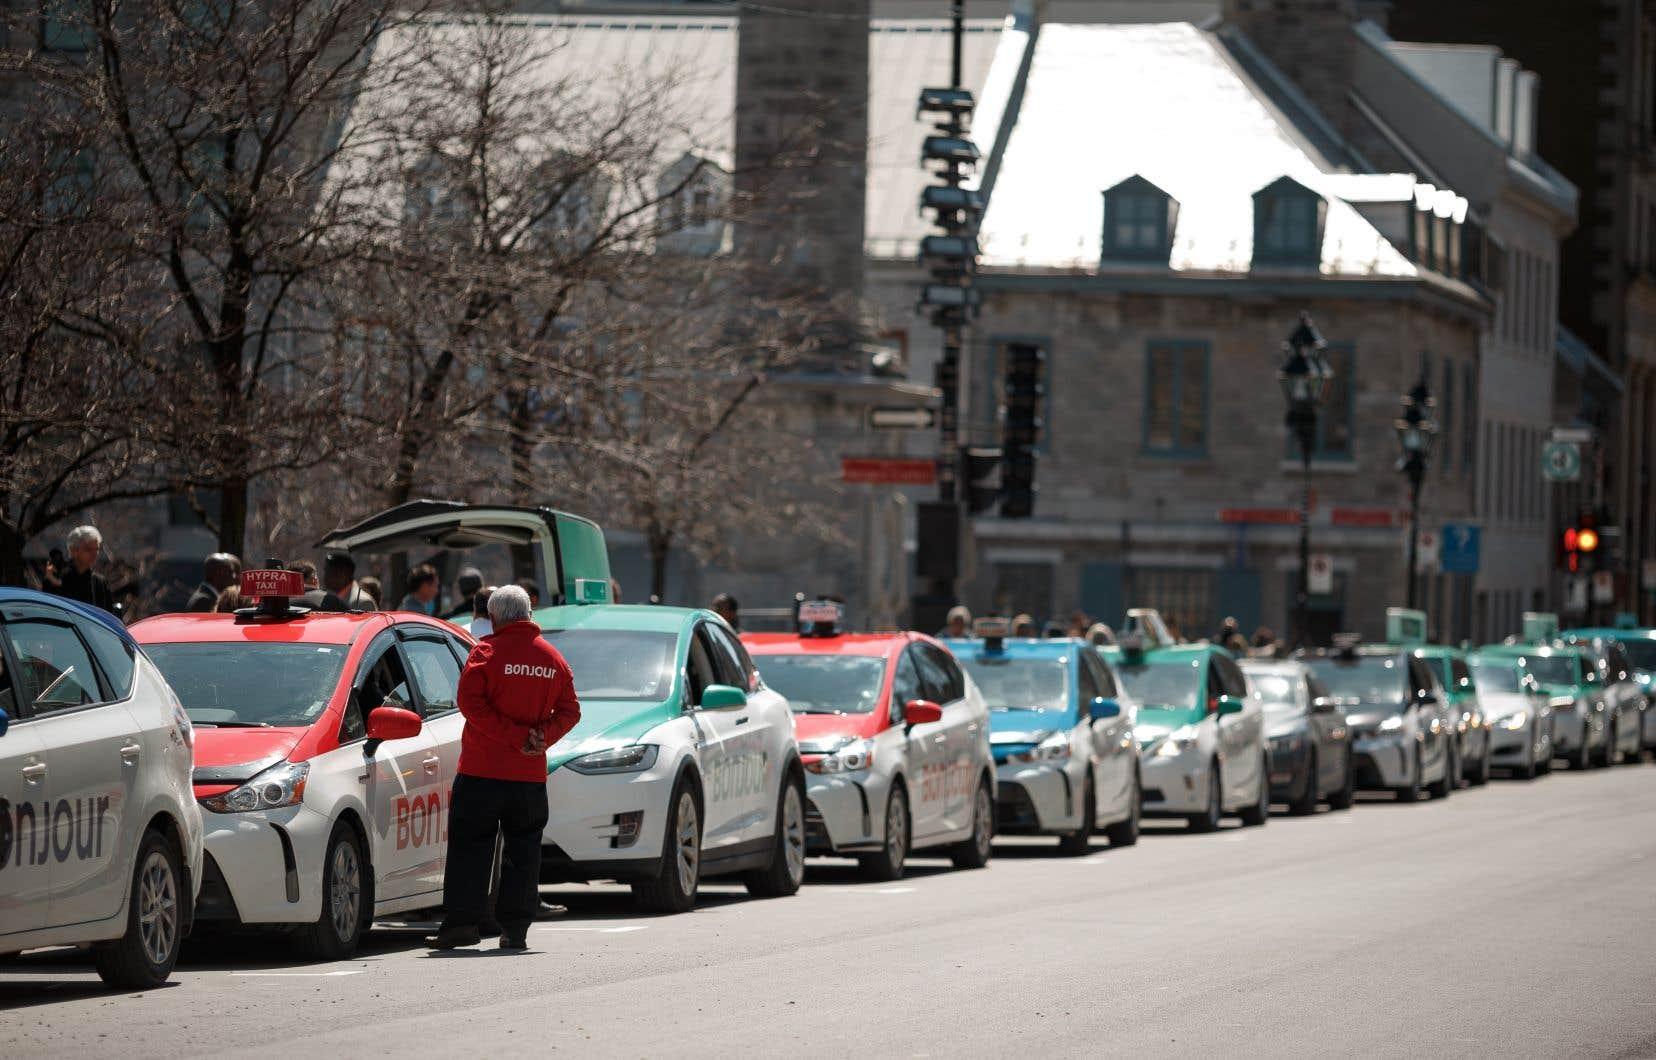 Les chauffeurs de Téo Taxi sont des salariés, contrairement aux autres chauffeurs de taxi; c'est pourquoi ils peuvent se syndiquer, en vertu du Code du travail du Québec.